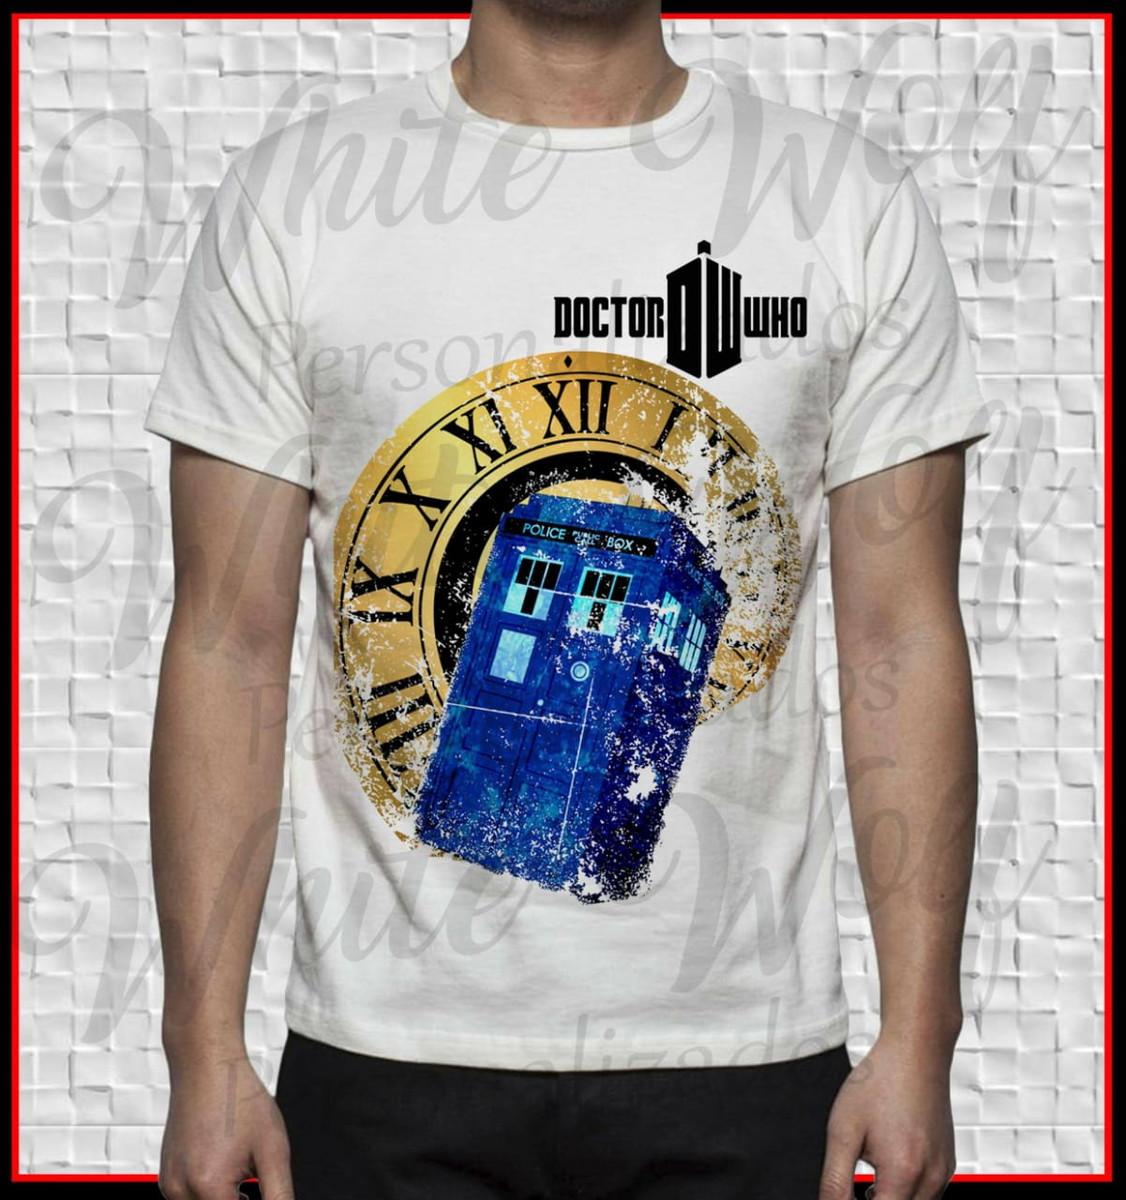 412dc8906 Camiseta do Doctor who no Elo7